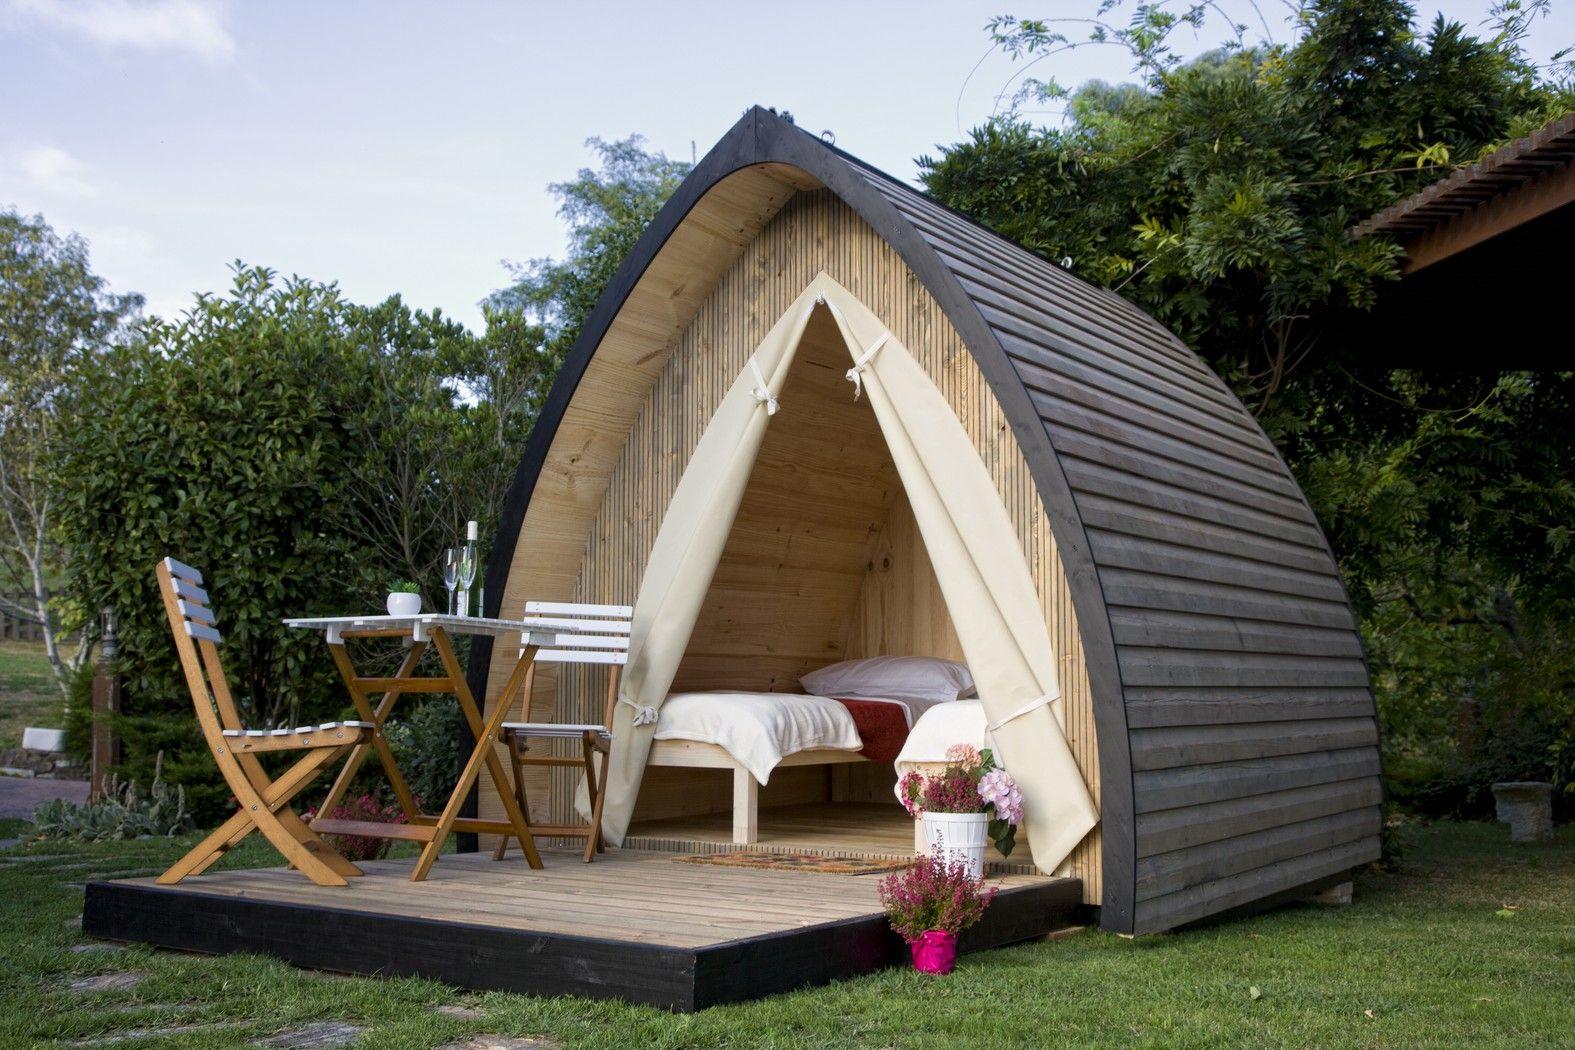 tente en bois haut de gamme chambre d 39 appoint h bergement atypique le kabia correspondra. Black Bedroom Furniture Sets. Home Design Ideas